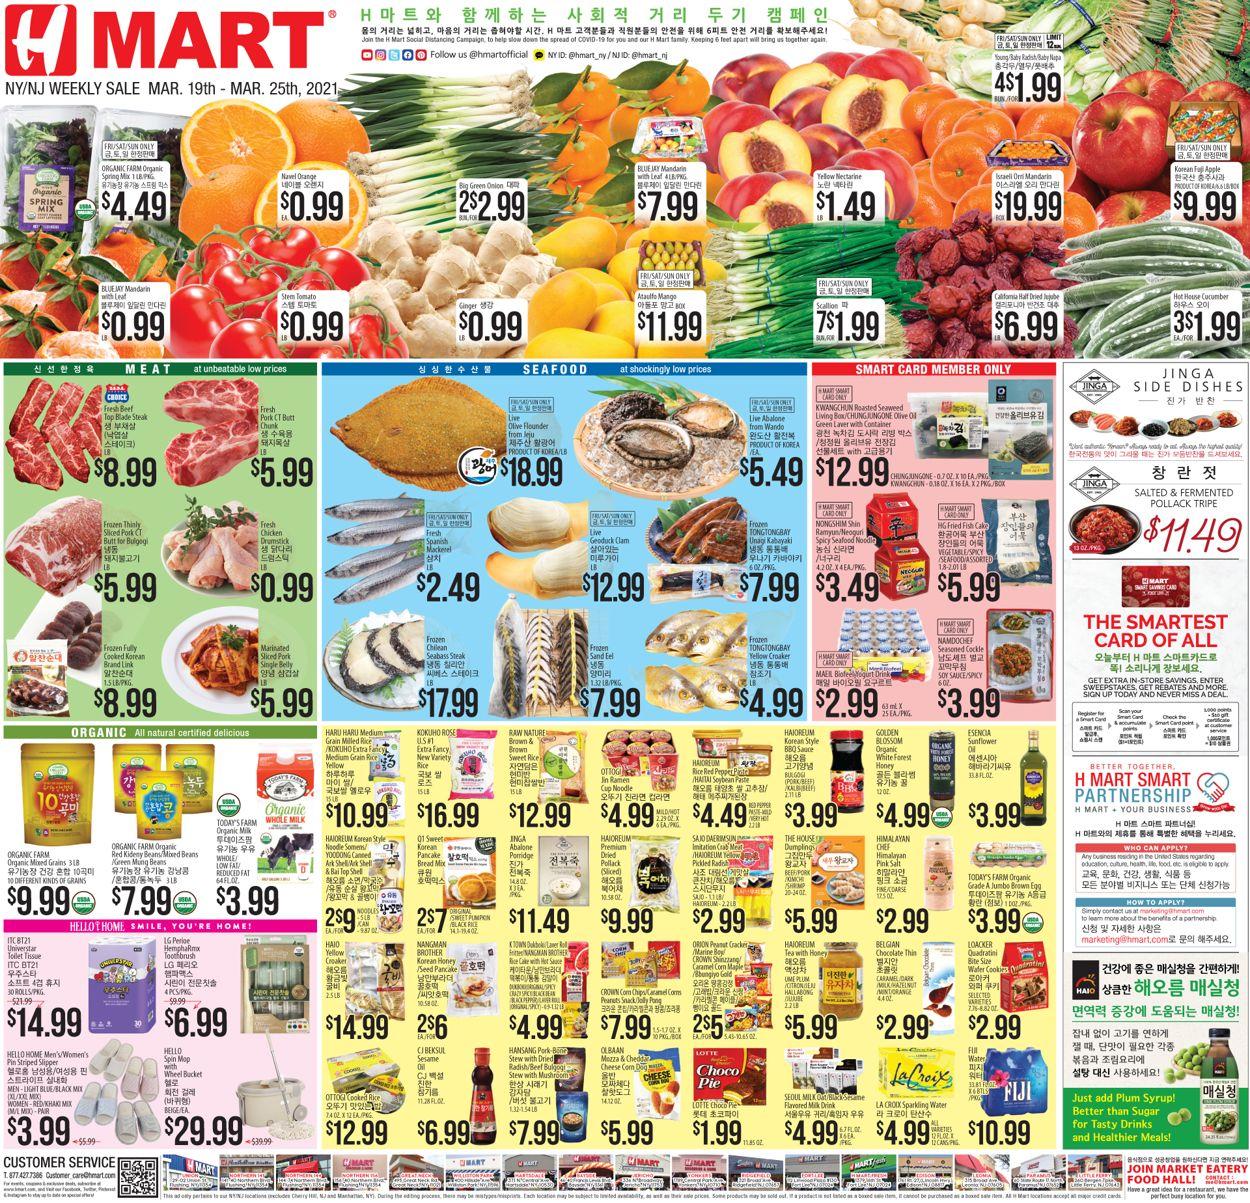 H Mart Weekly Ad Circular - valid 03/19-03/25/2021